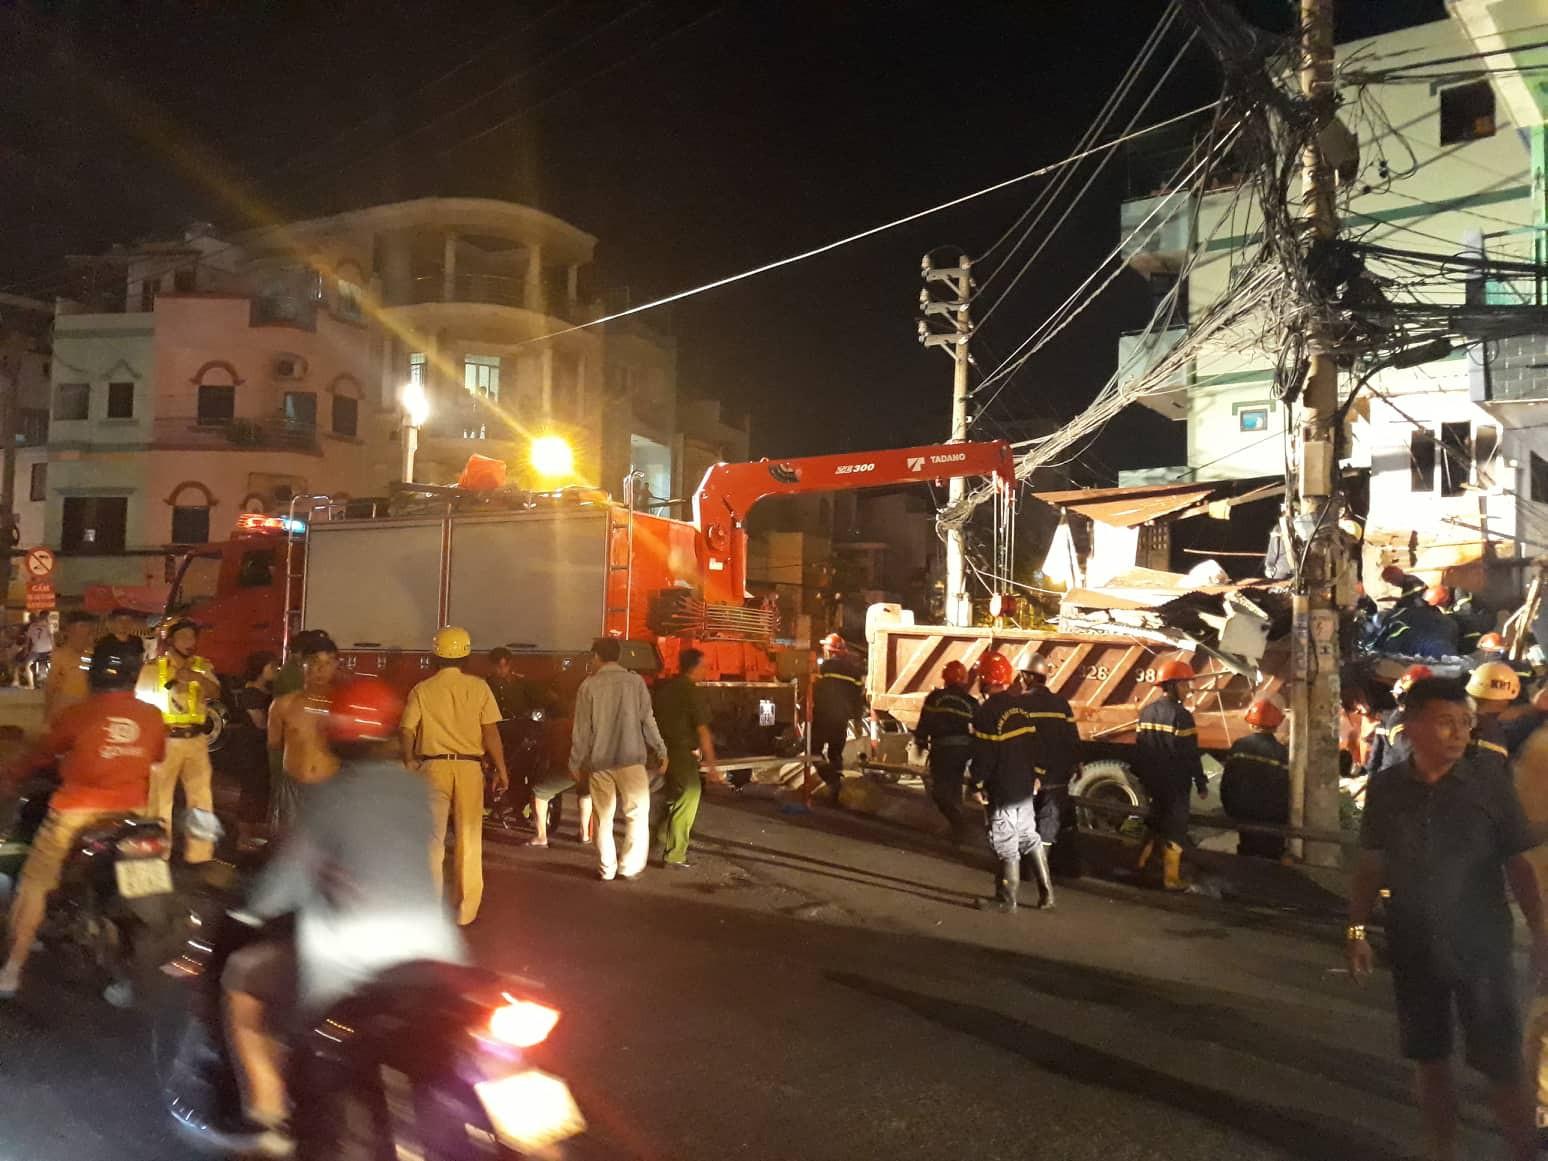 Xe tải mất lái lao từ trên cầu xuống tông thẳng vào nhà dân, ít nhất 3 người bị thương-1